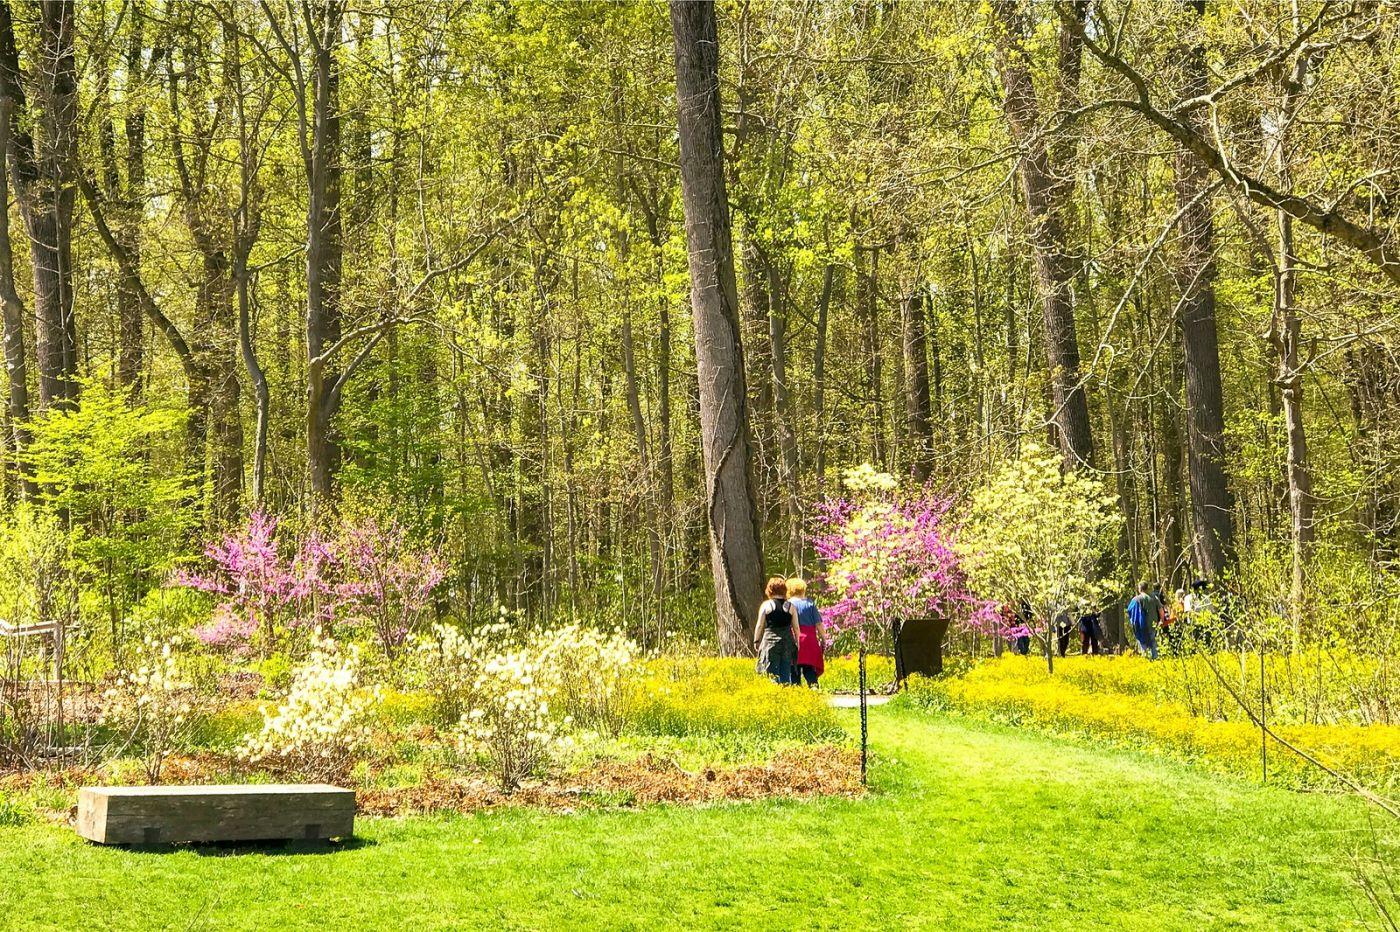 宾州长木公园,定格美好的画面_图1-25